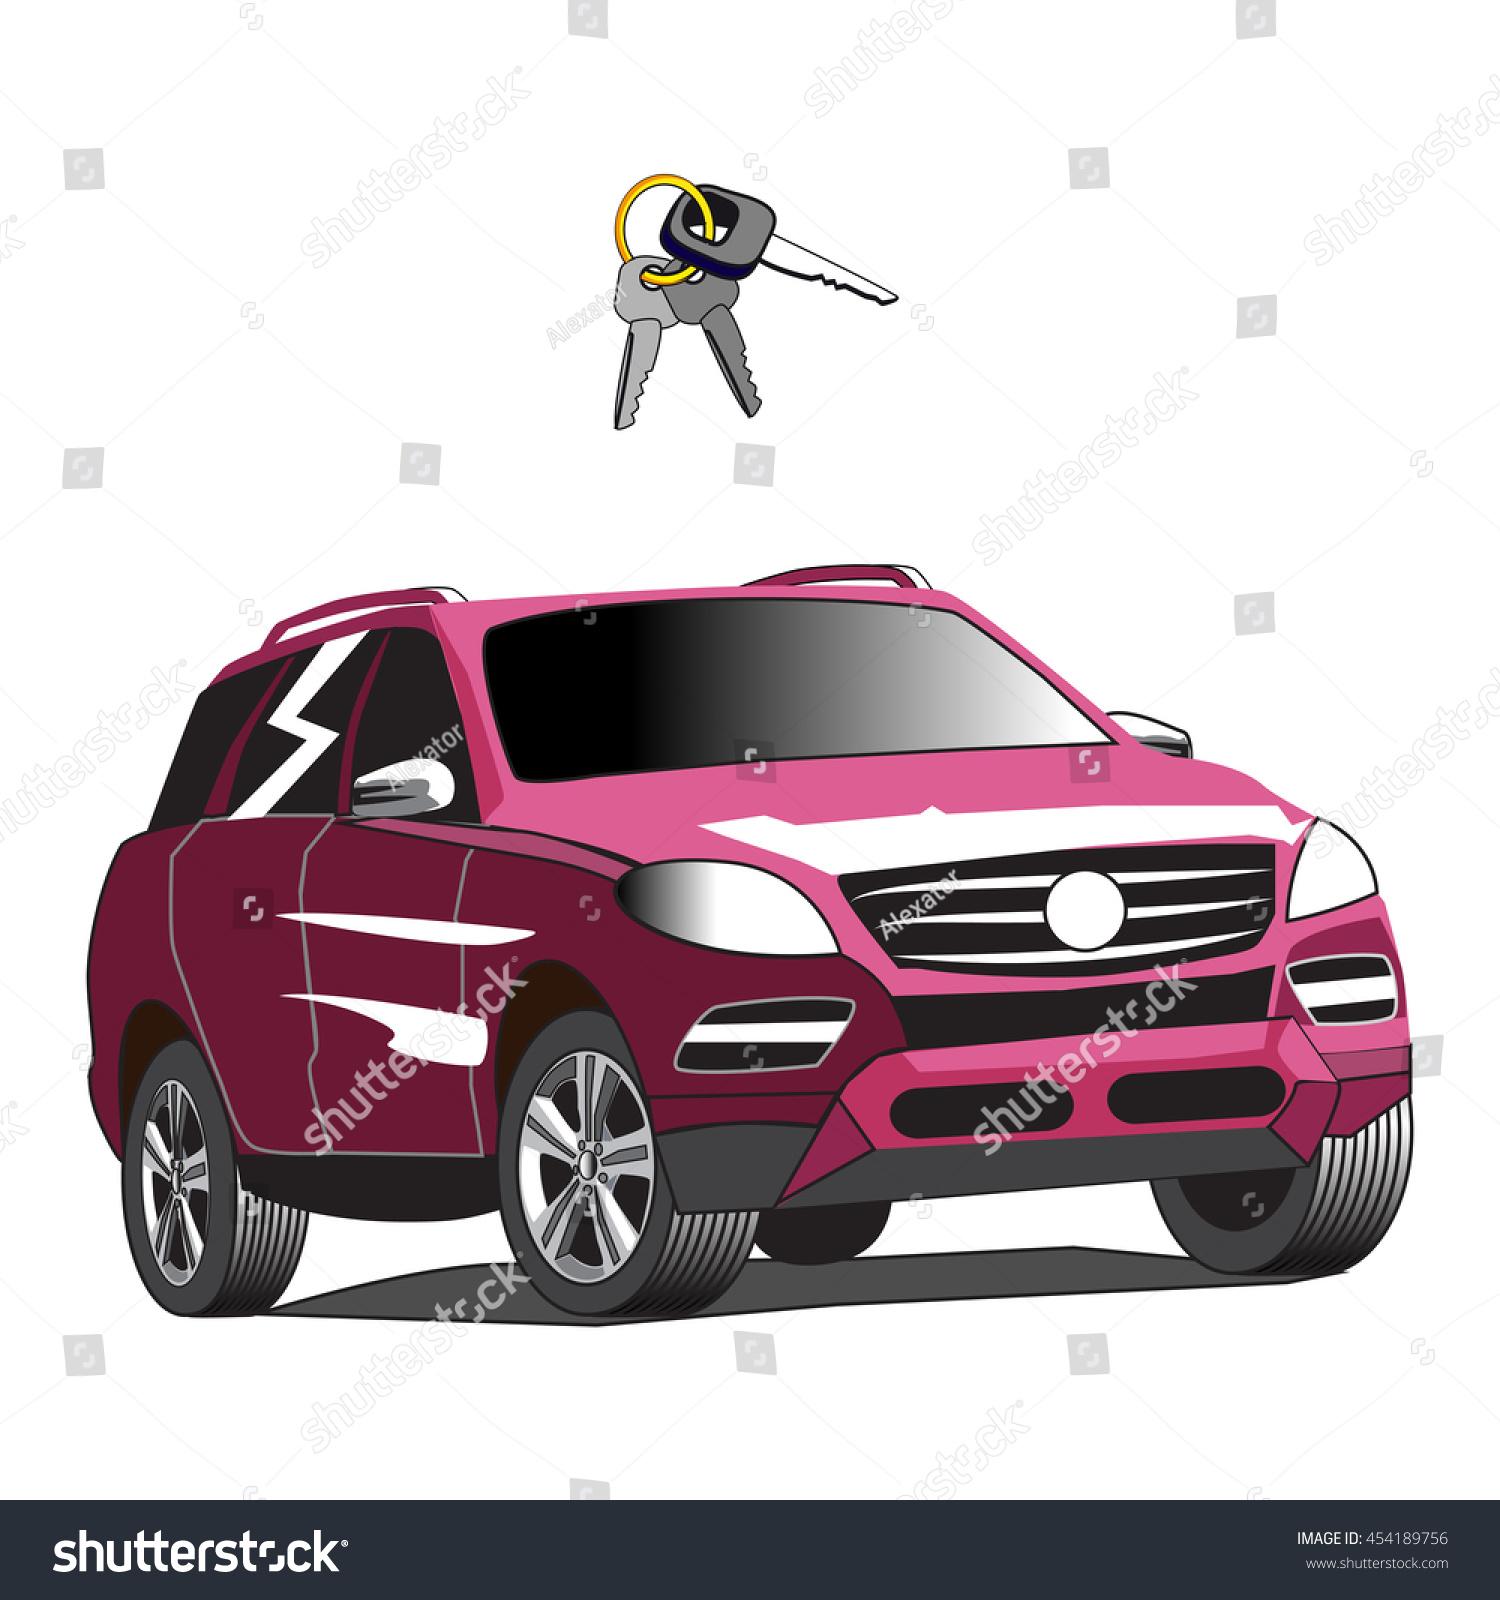 en todo ibiza a car ibizagocar terrenos rent in alquiler jeep hire suvs